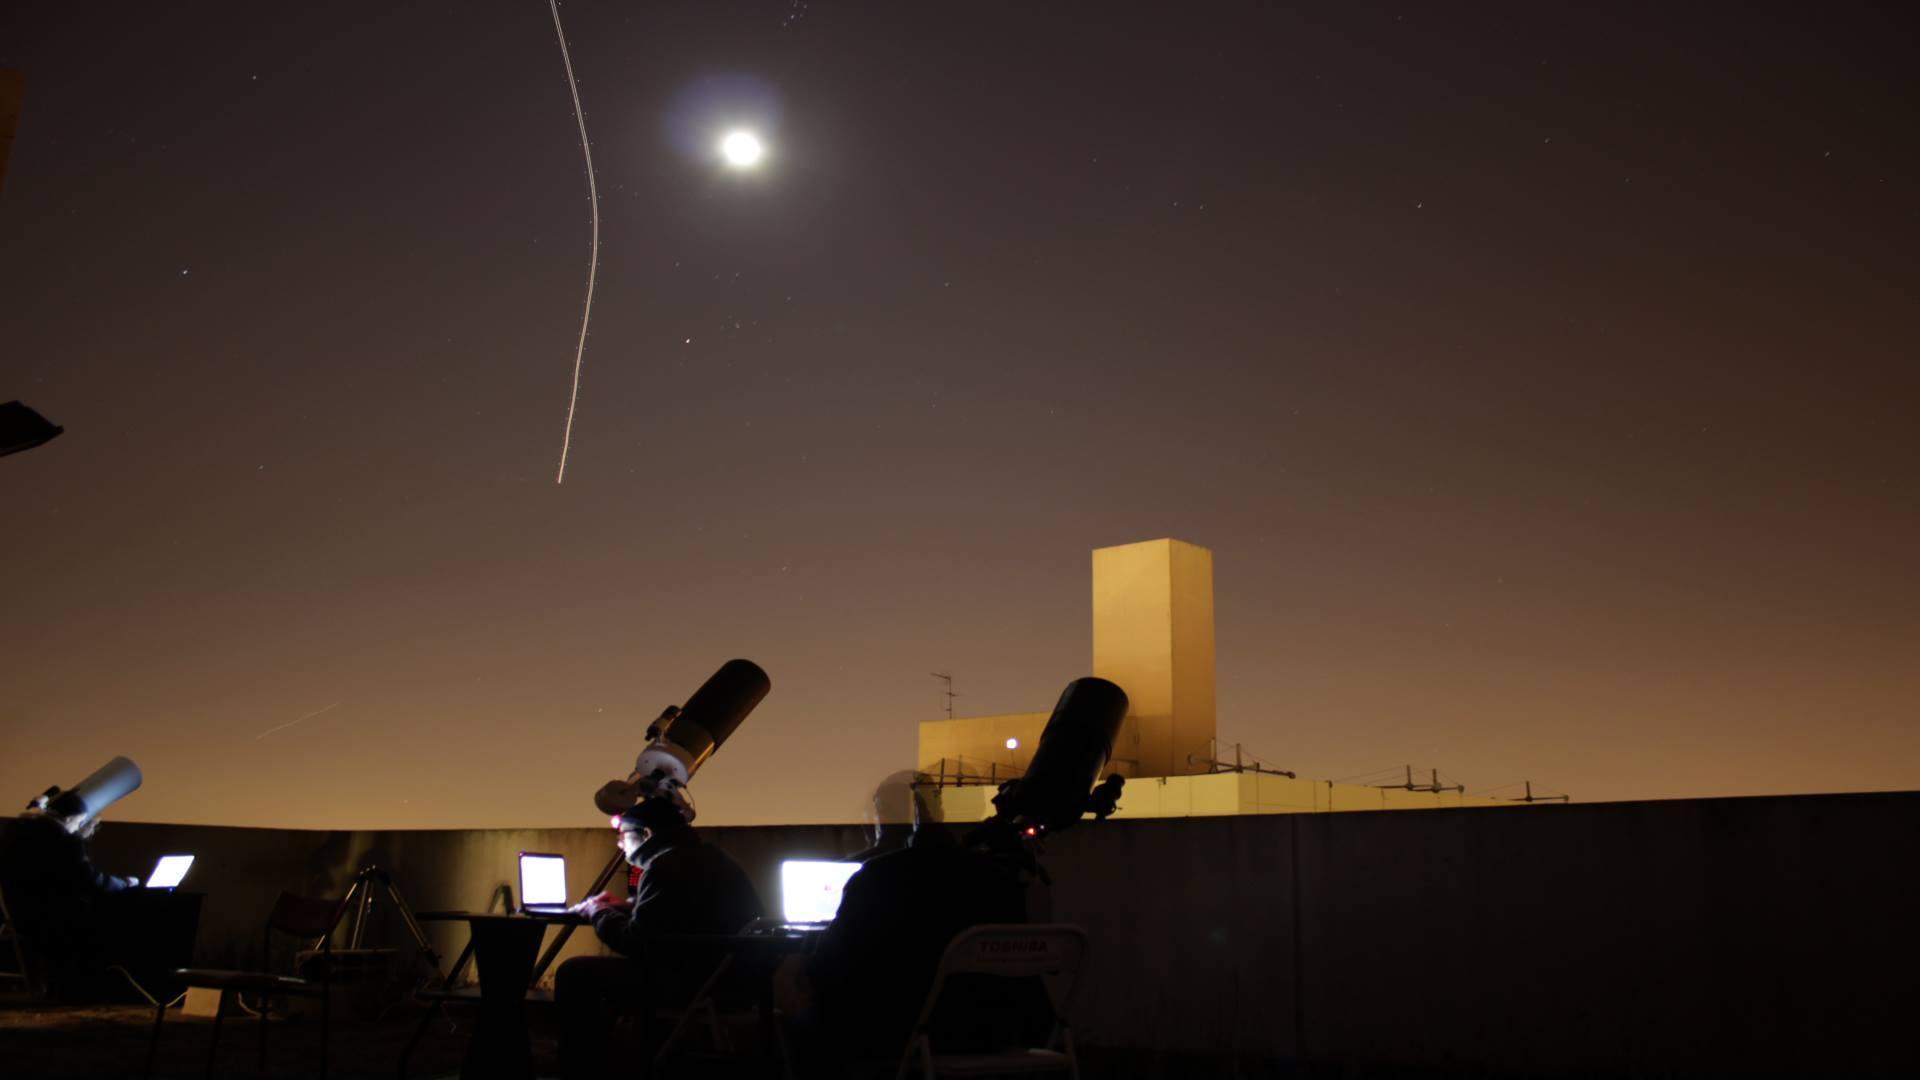 Séance hebdomadaire. @ Le Telescope